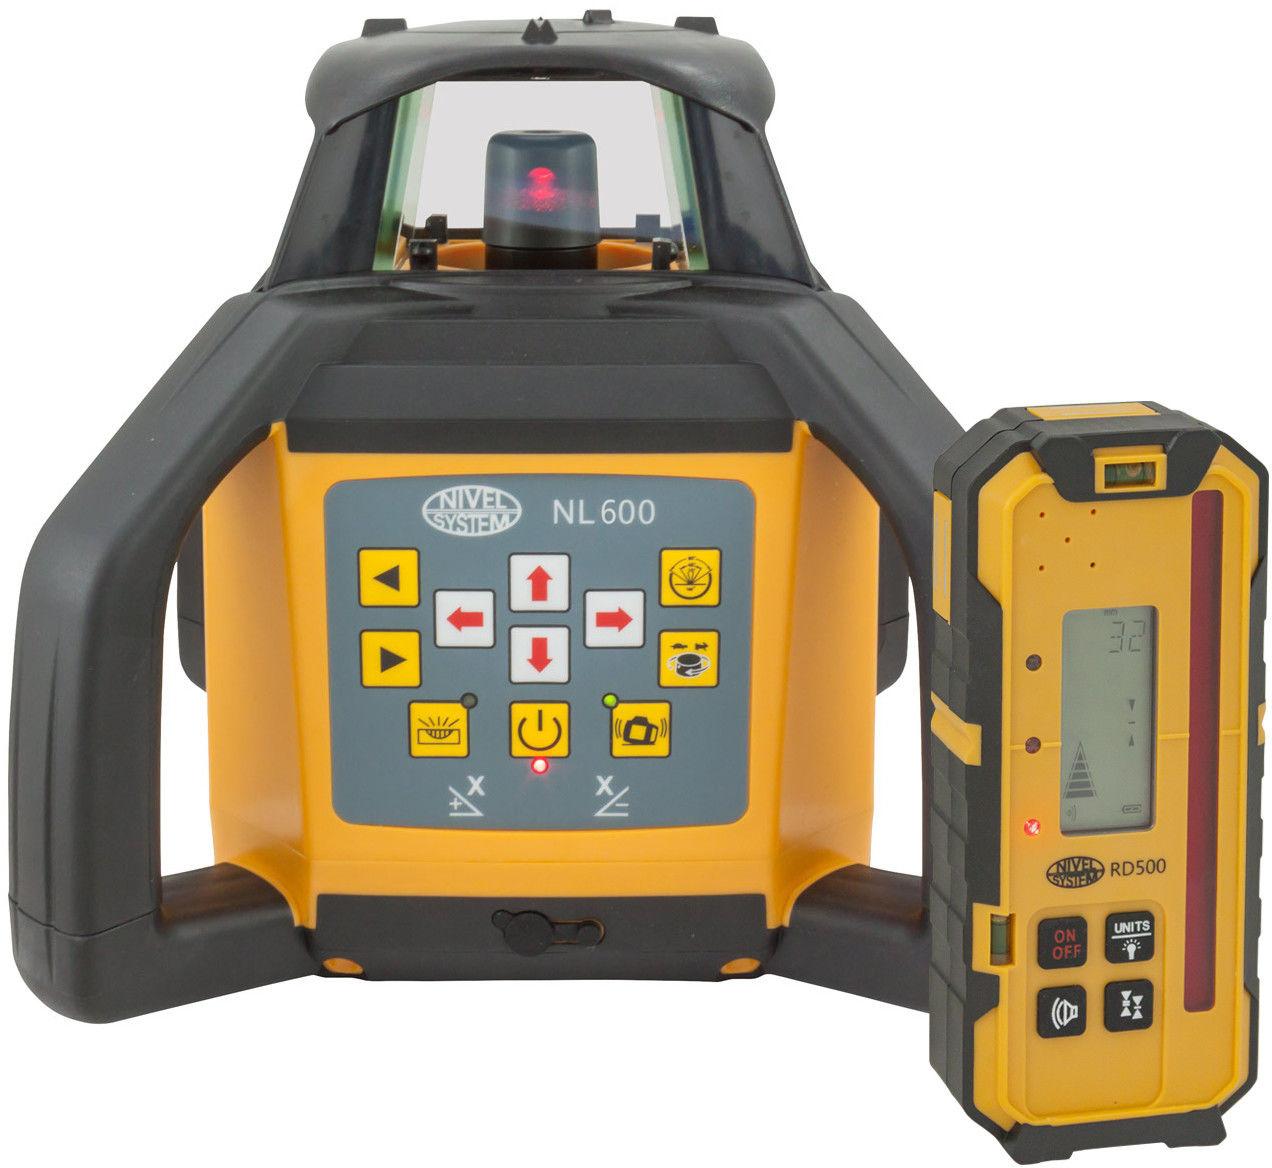 Niwelator laserowy Nivel System NL600 Digital